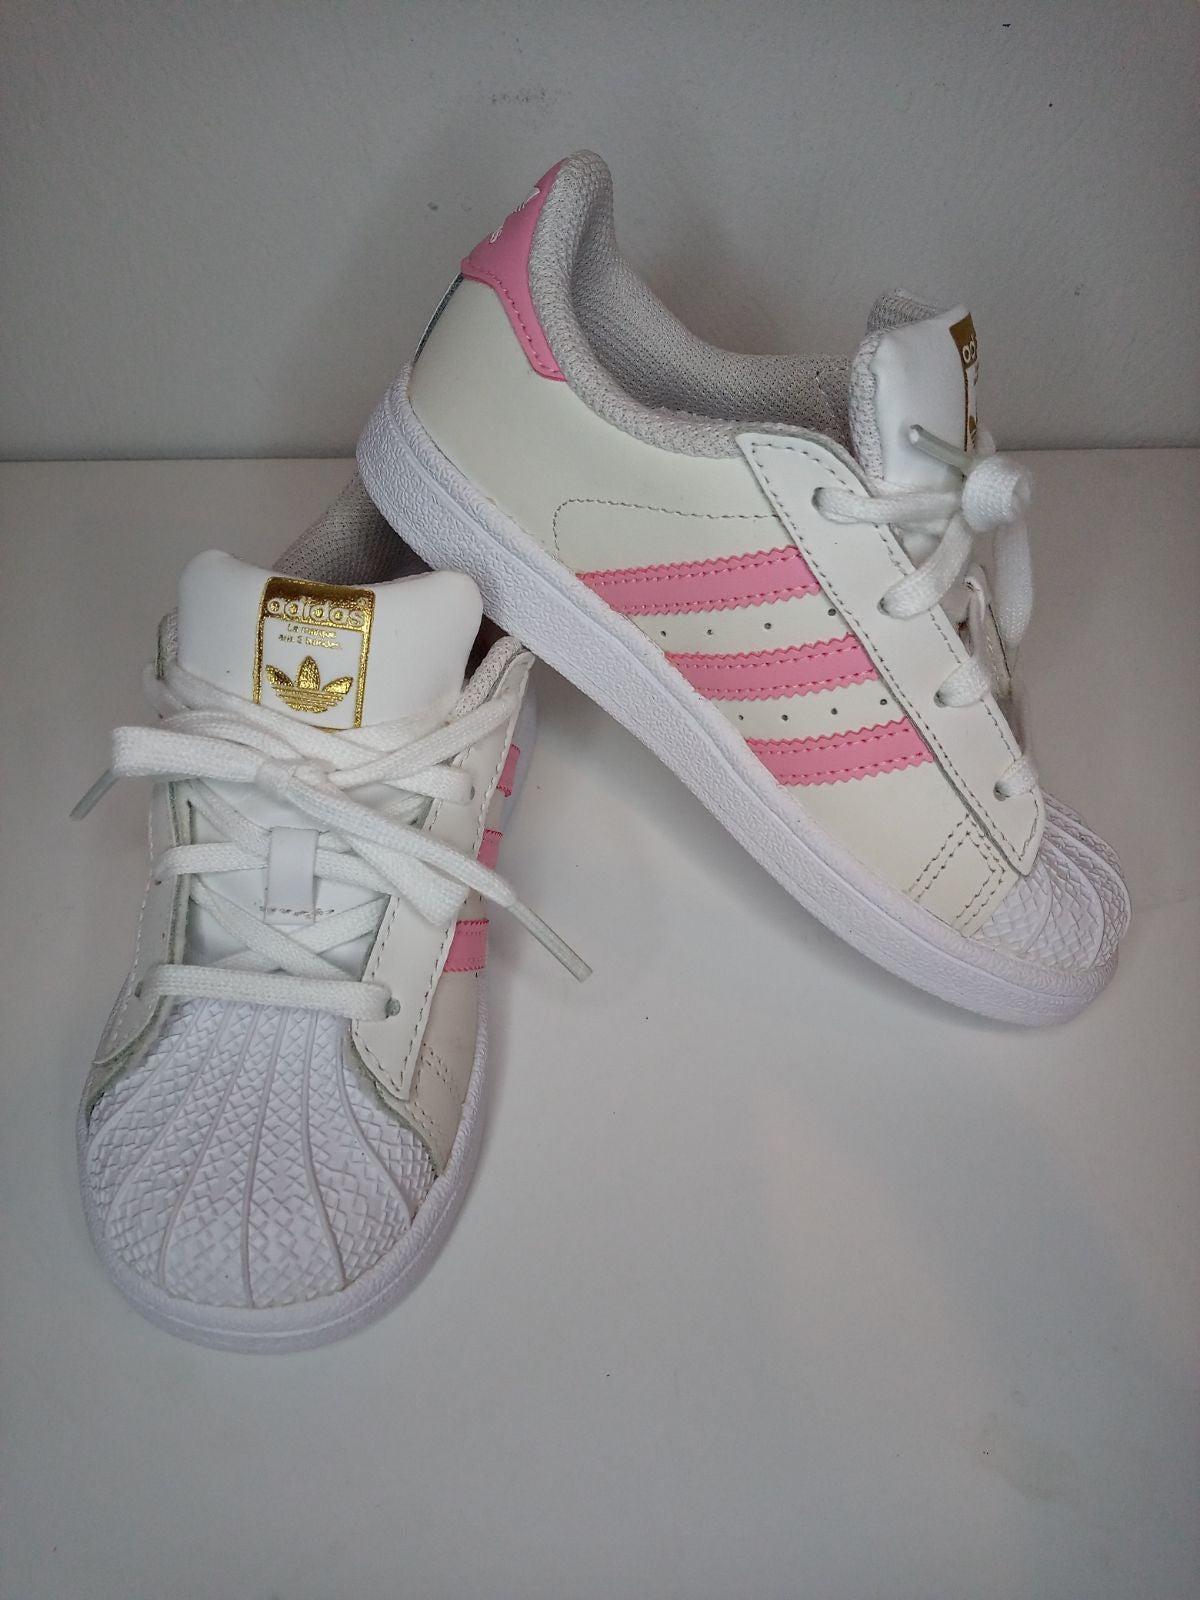 Adidas toddler girl size 10